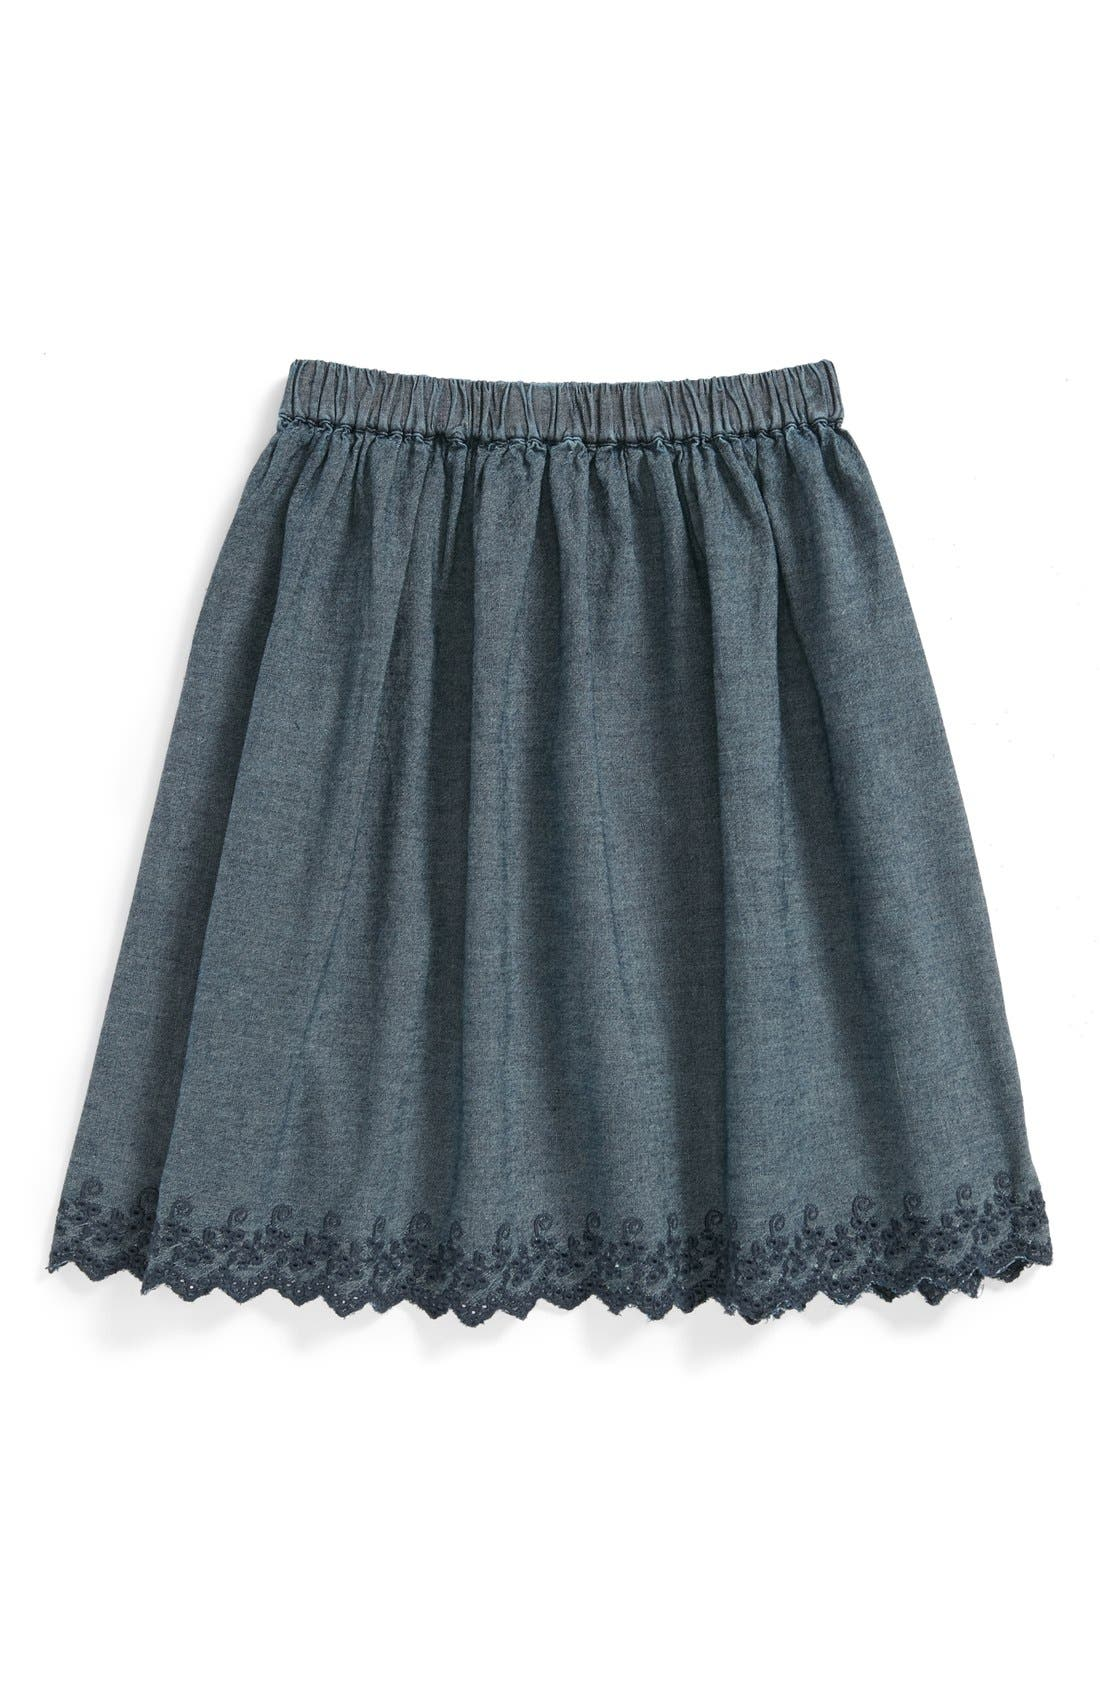 Alternate Image 1 Selected - Peek 'Harlow' Skirt (Toddler Girls, Little Girls & Big Girls)